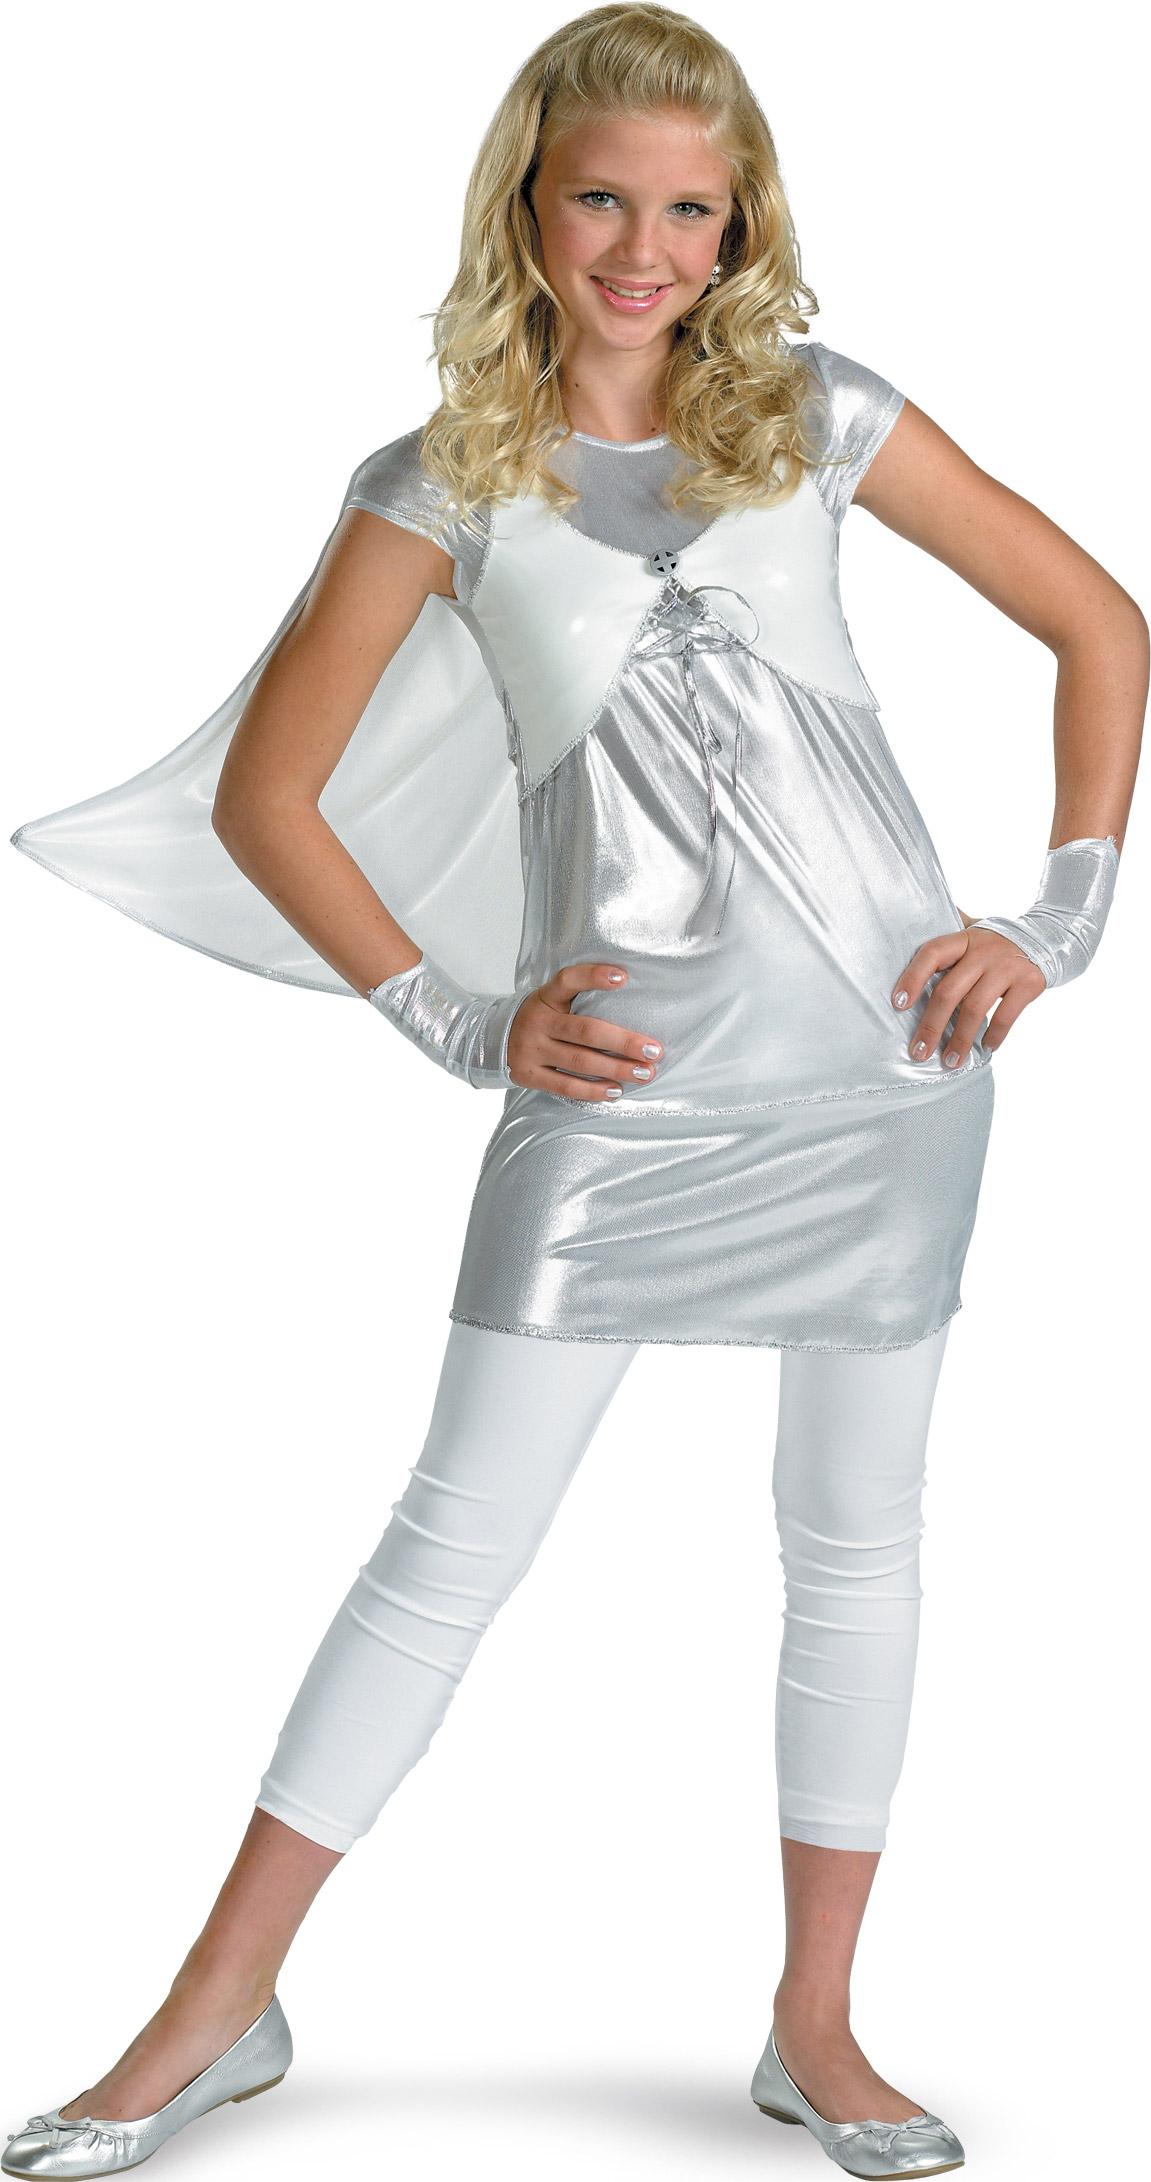 Emma Frost Girl Costume. x men